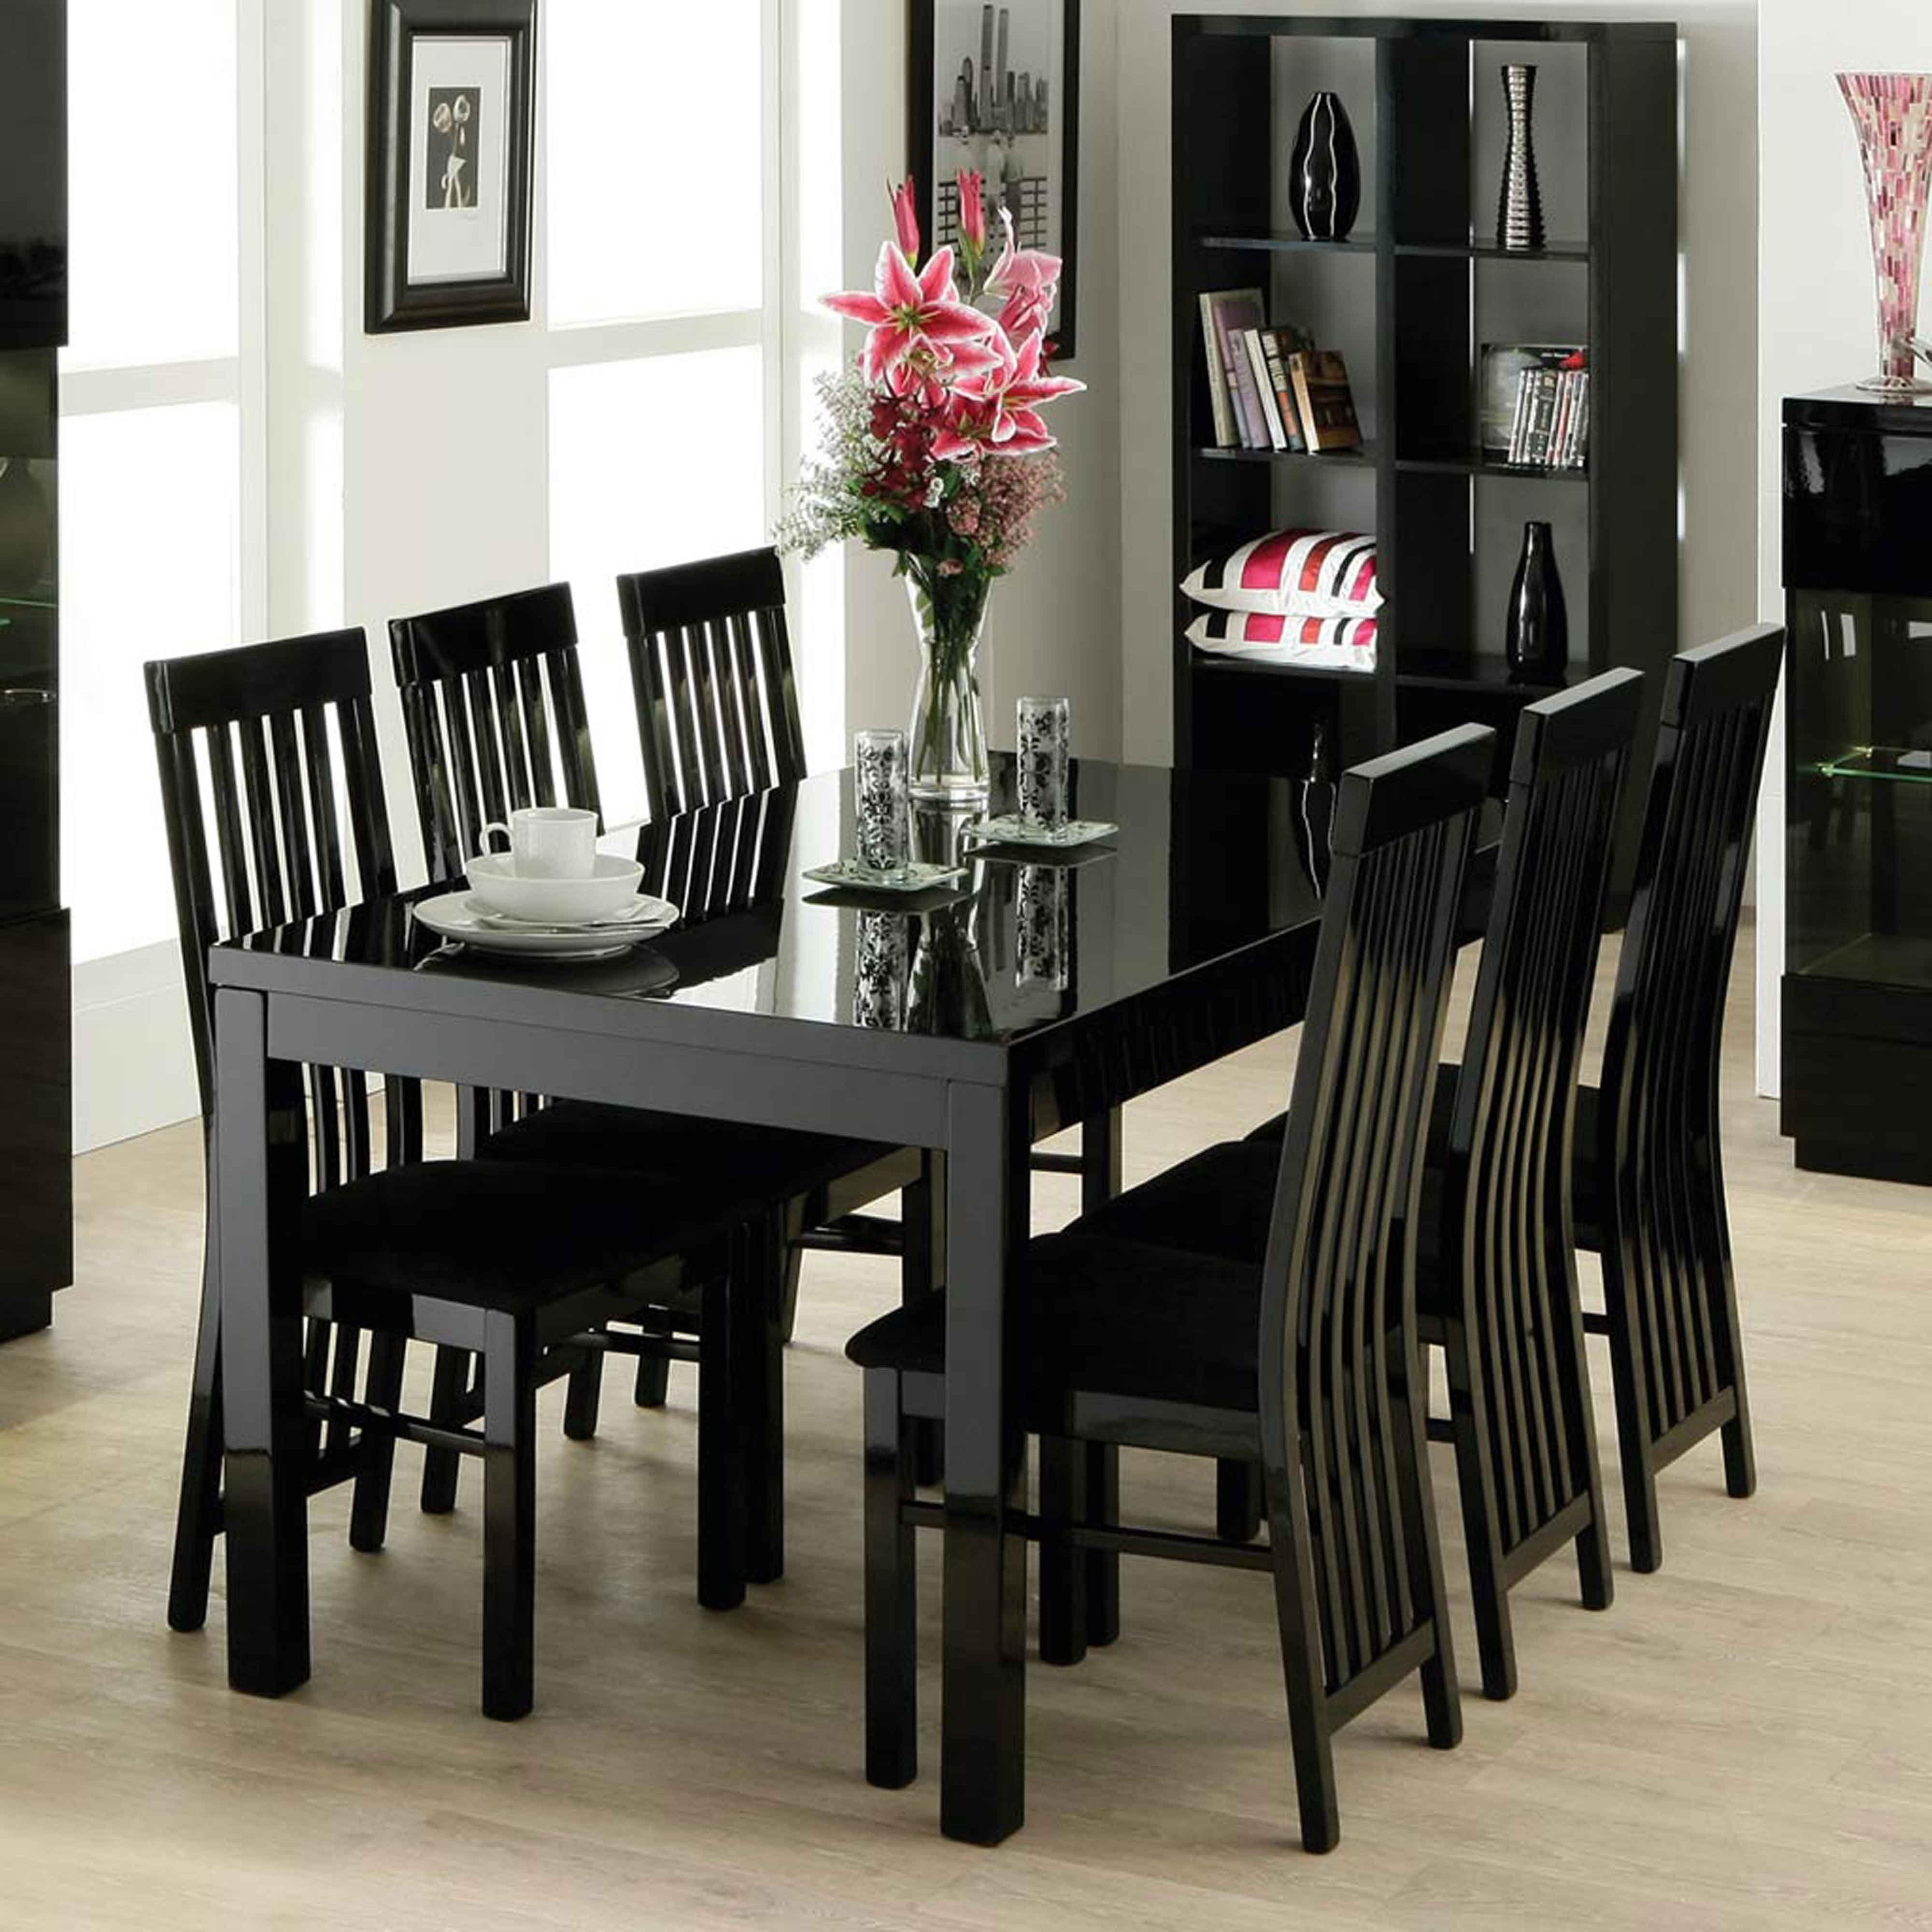 Black Wooden Dining Room Table Httpfmufpi Pinterest Brilliant Sets Inspiration Design